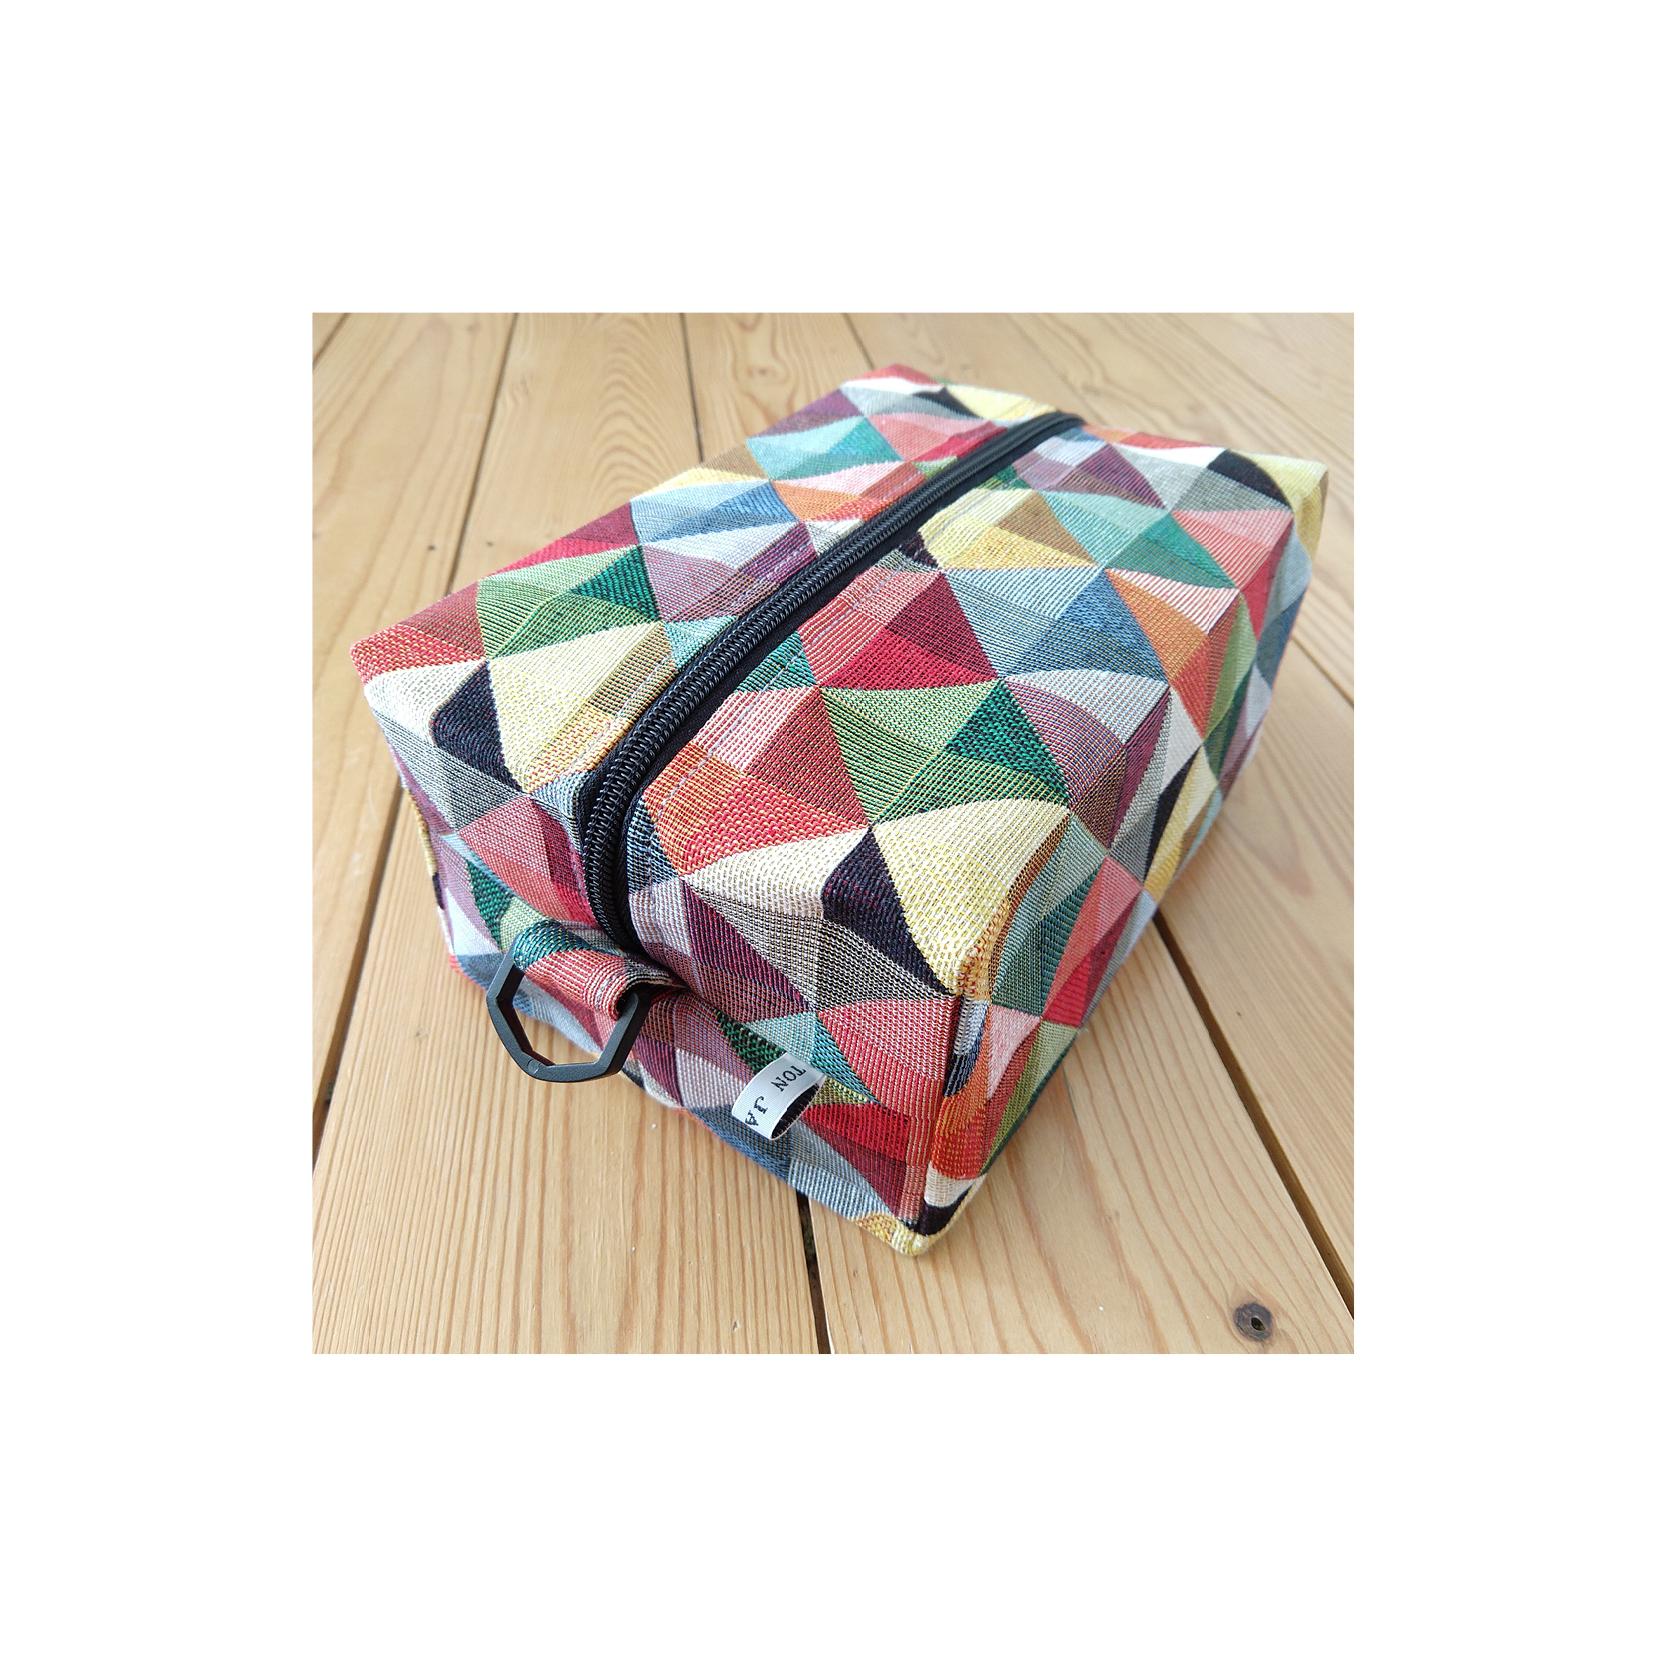 Ton Janmaat - Large fabric wash bag